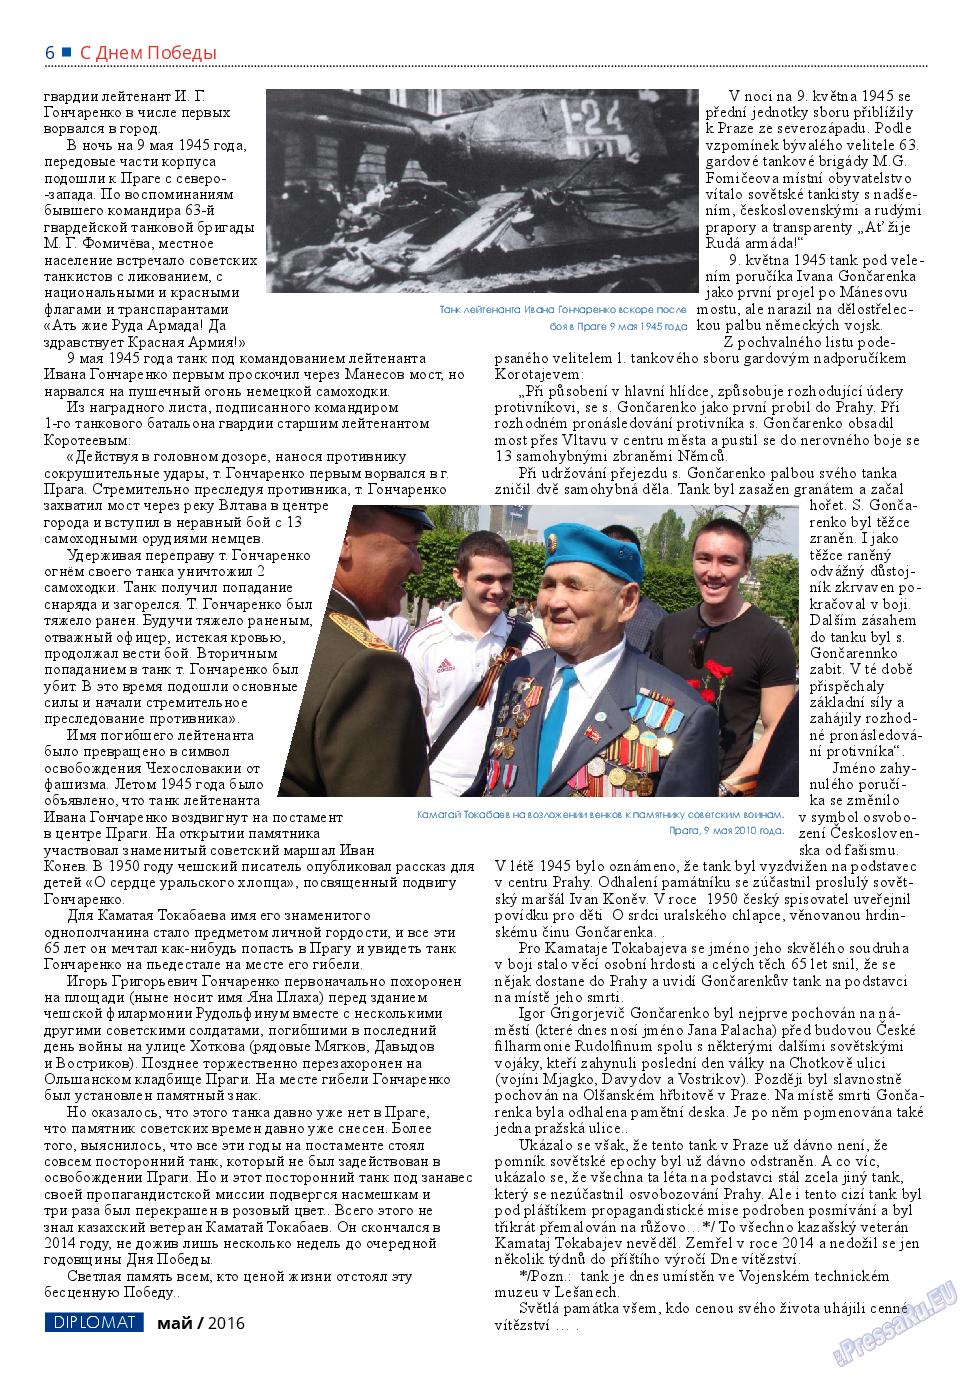 Diplomat (газета). 2016 год, номер 80, стр. 6